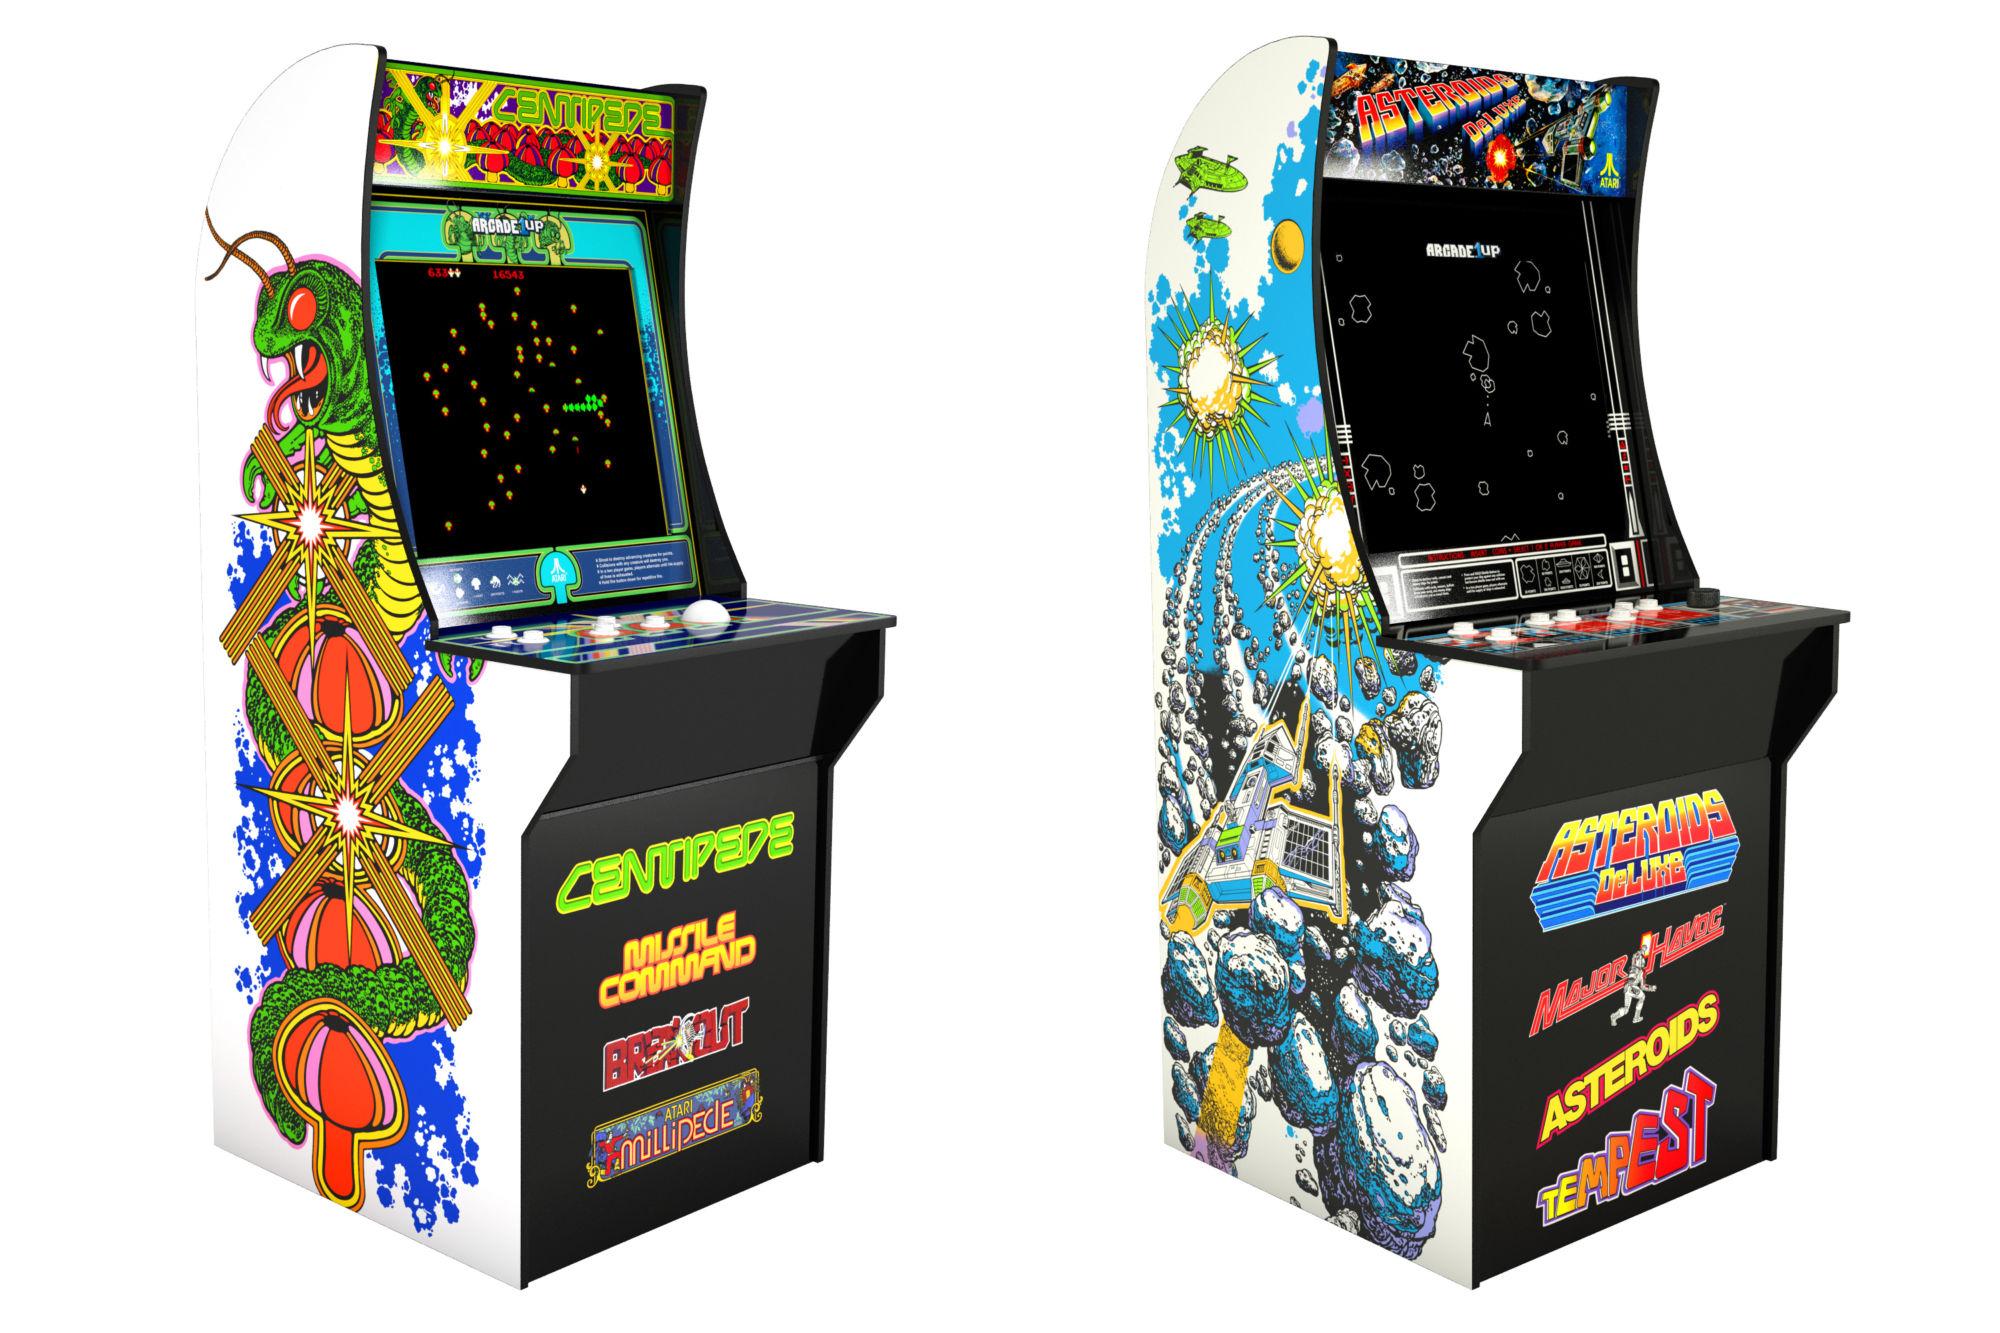 Atari & Arcade1Up Enter Into Exclusive Arcade Partnership